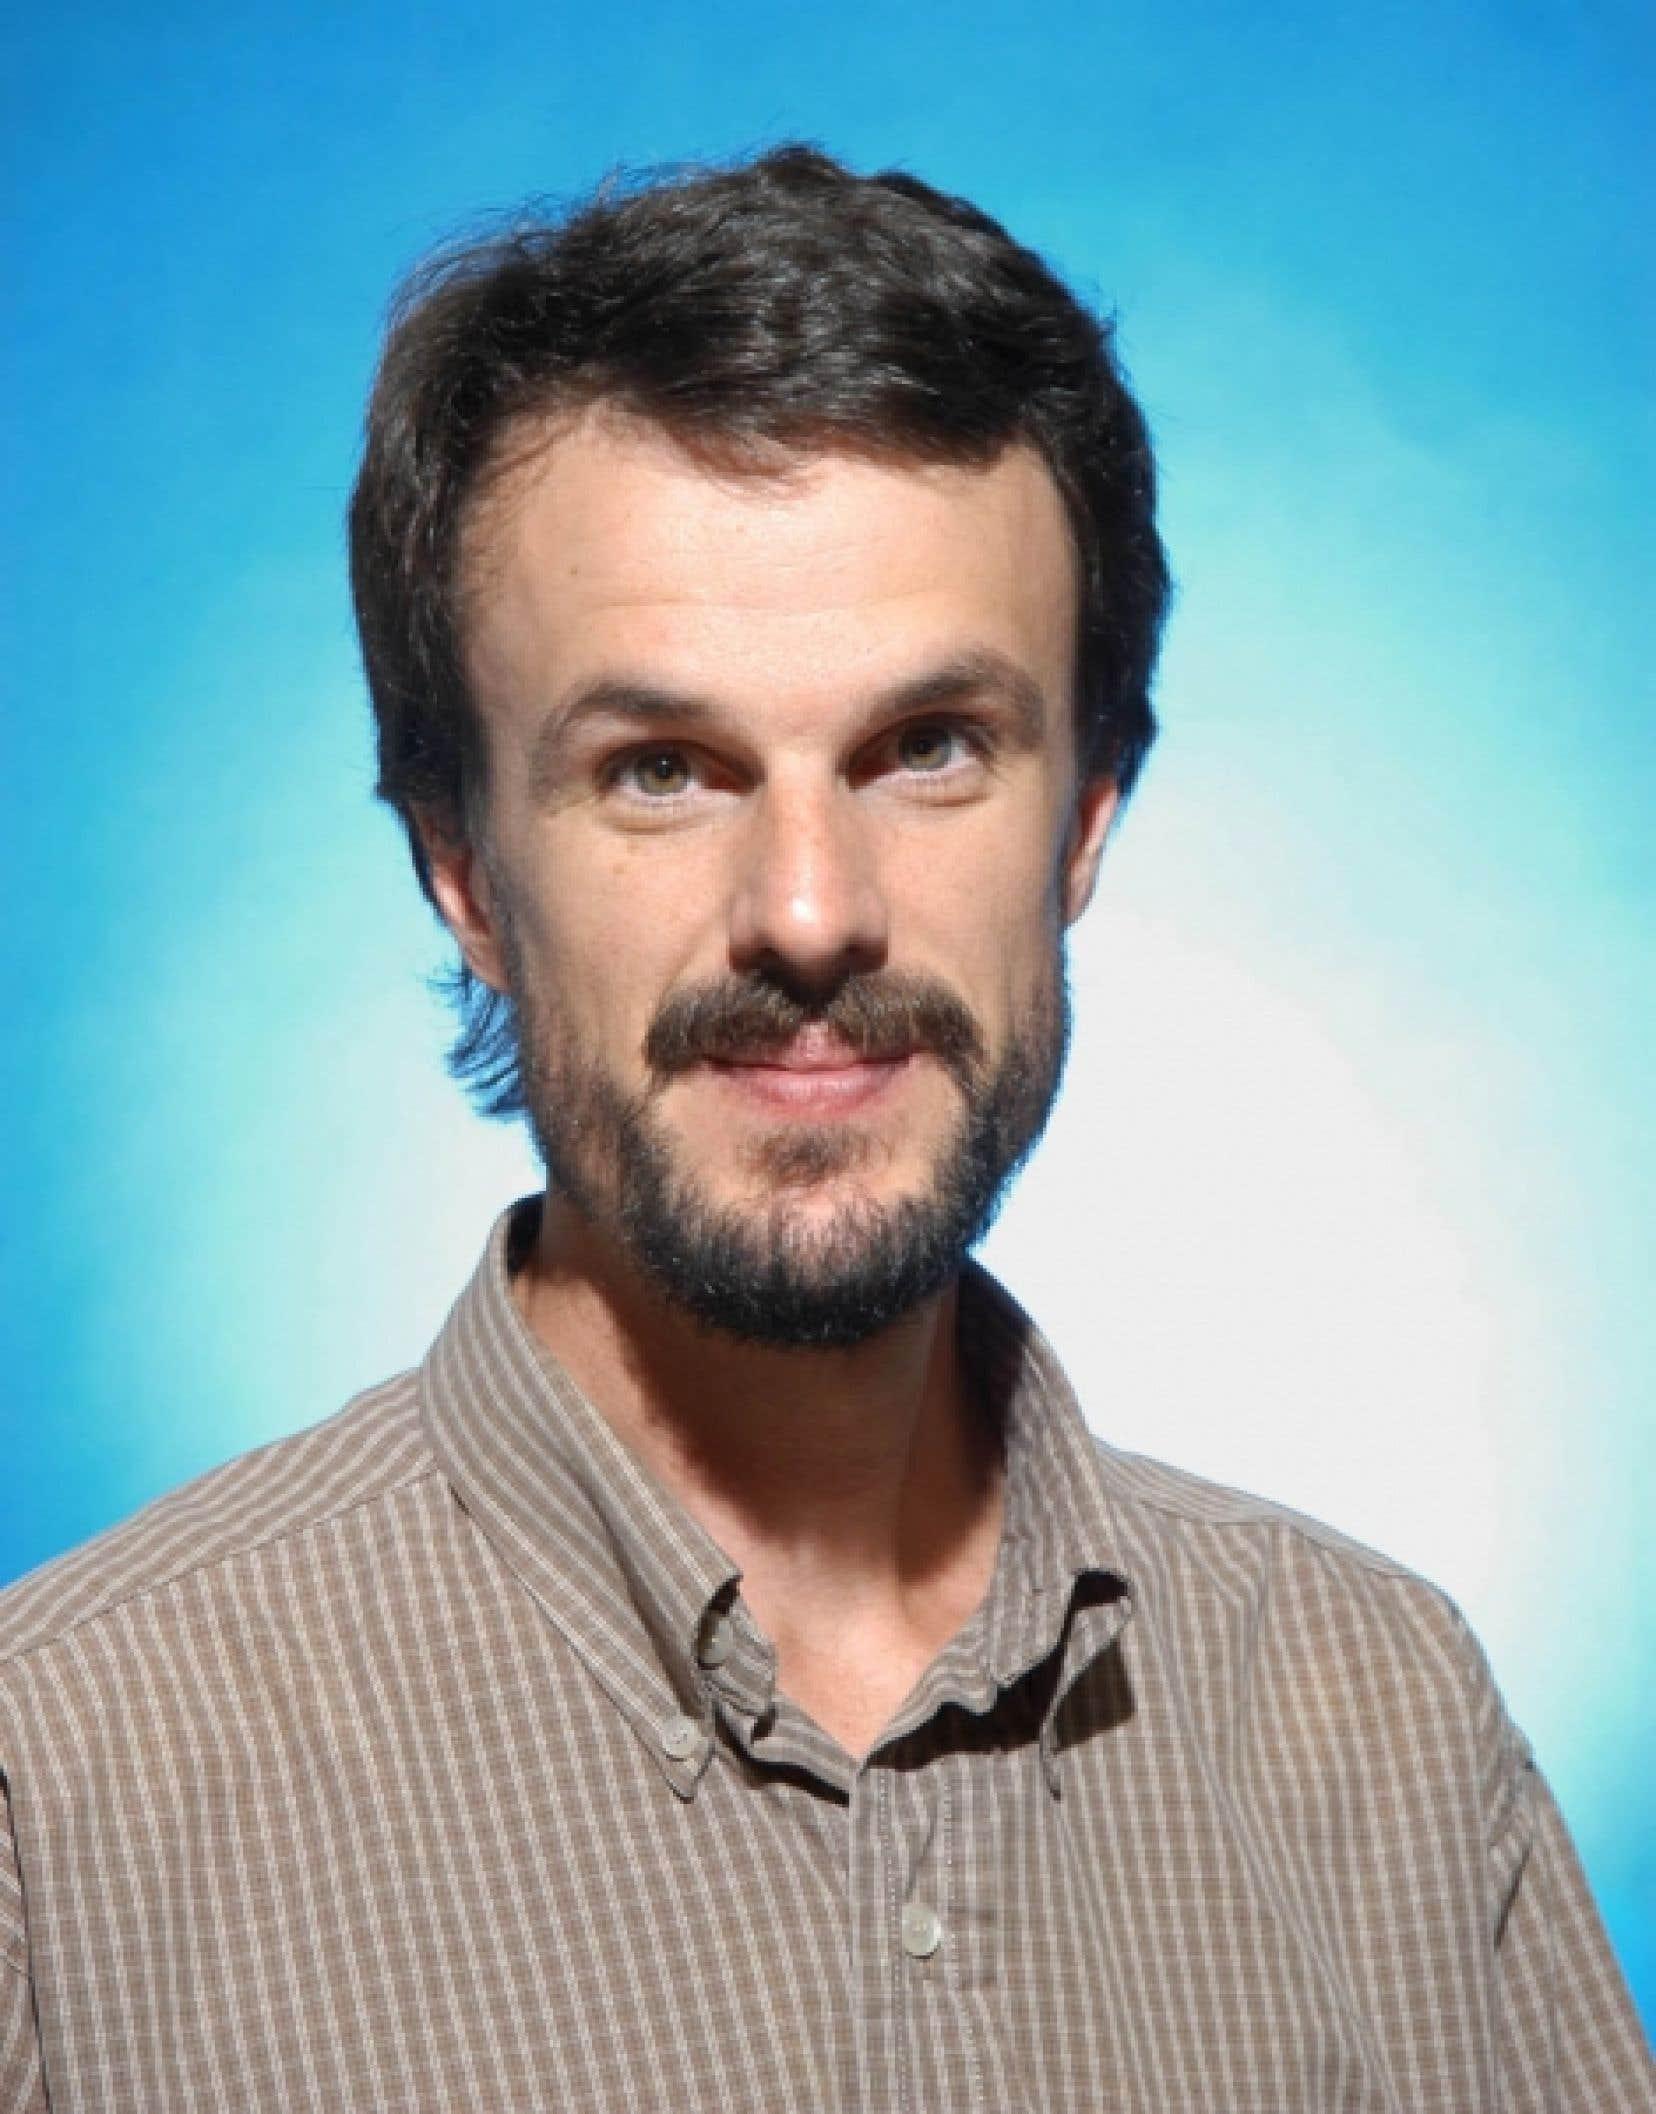 Nicolas Godbout, codirecteur du Laboratoire de fibres optiques et membre du Groupe PolyPhotonique de l&rsquo;&Eacute;cole polytechnique<br />